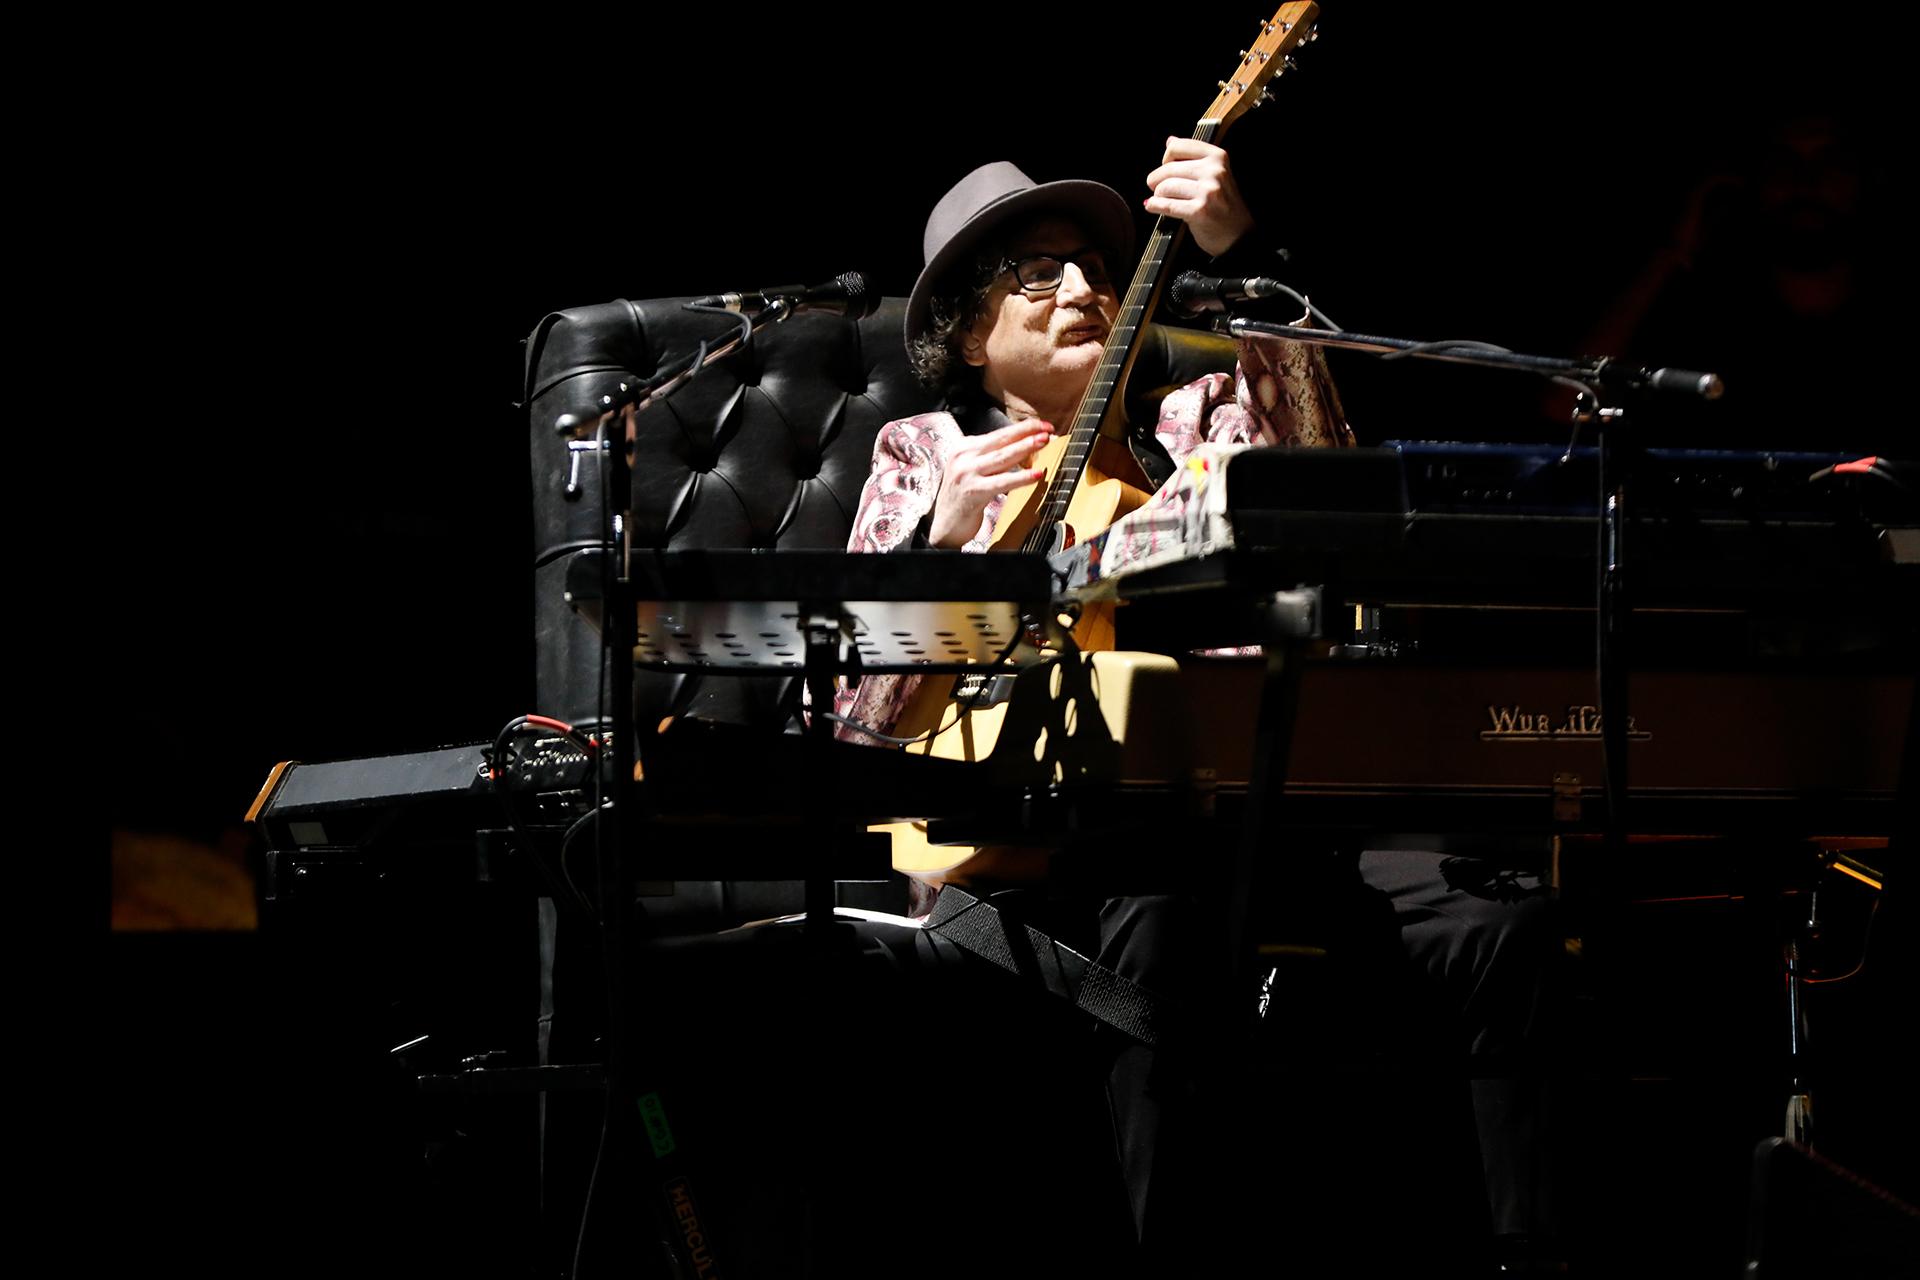 Durante el show, Charly García intercaló canciones nuevas y viejas